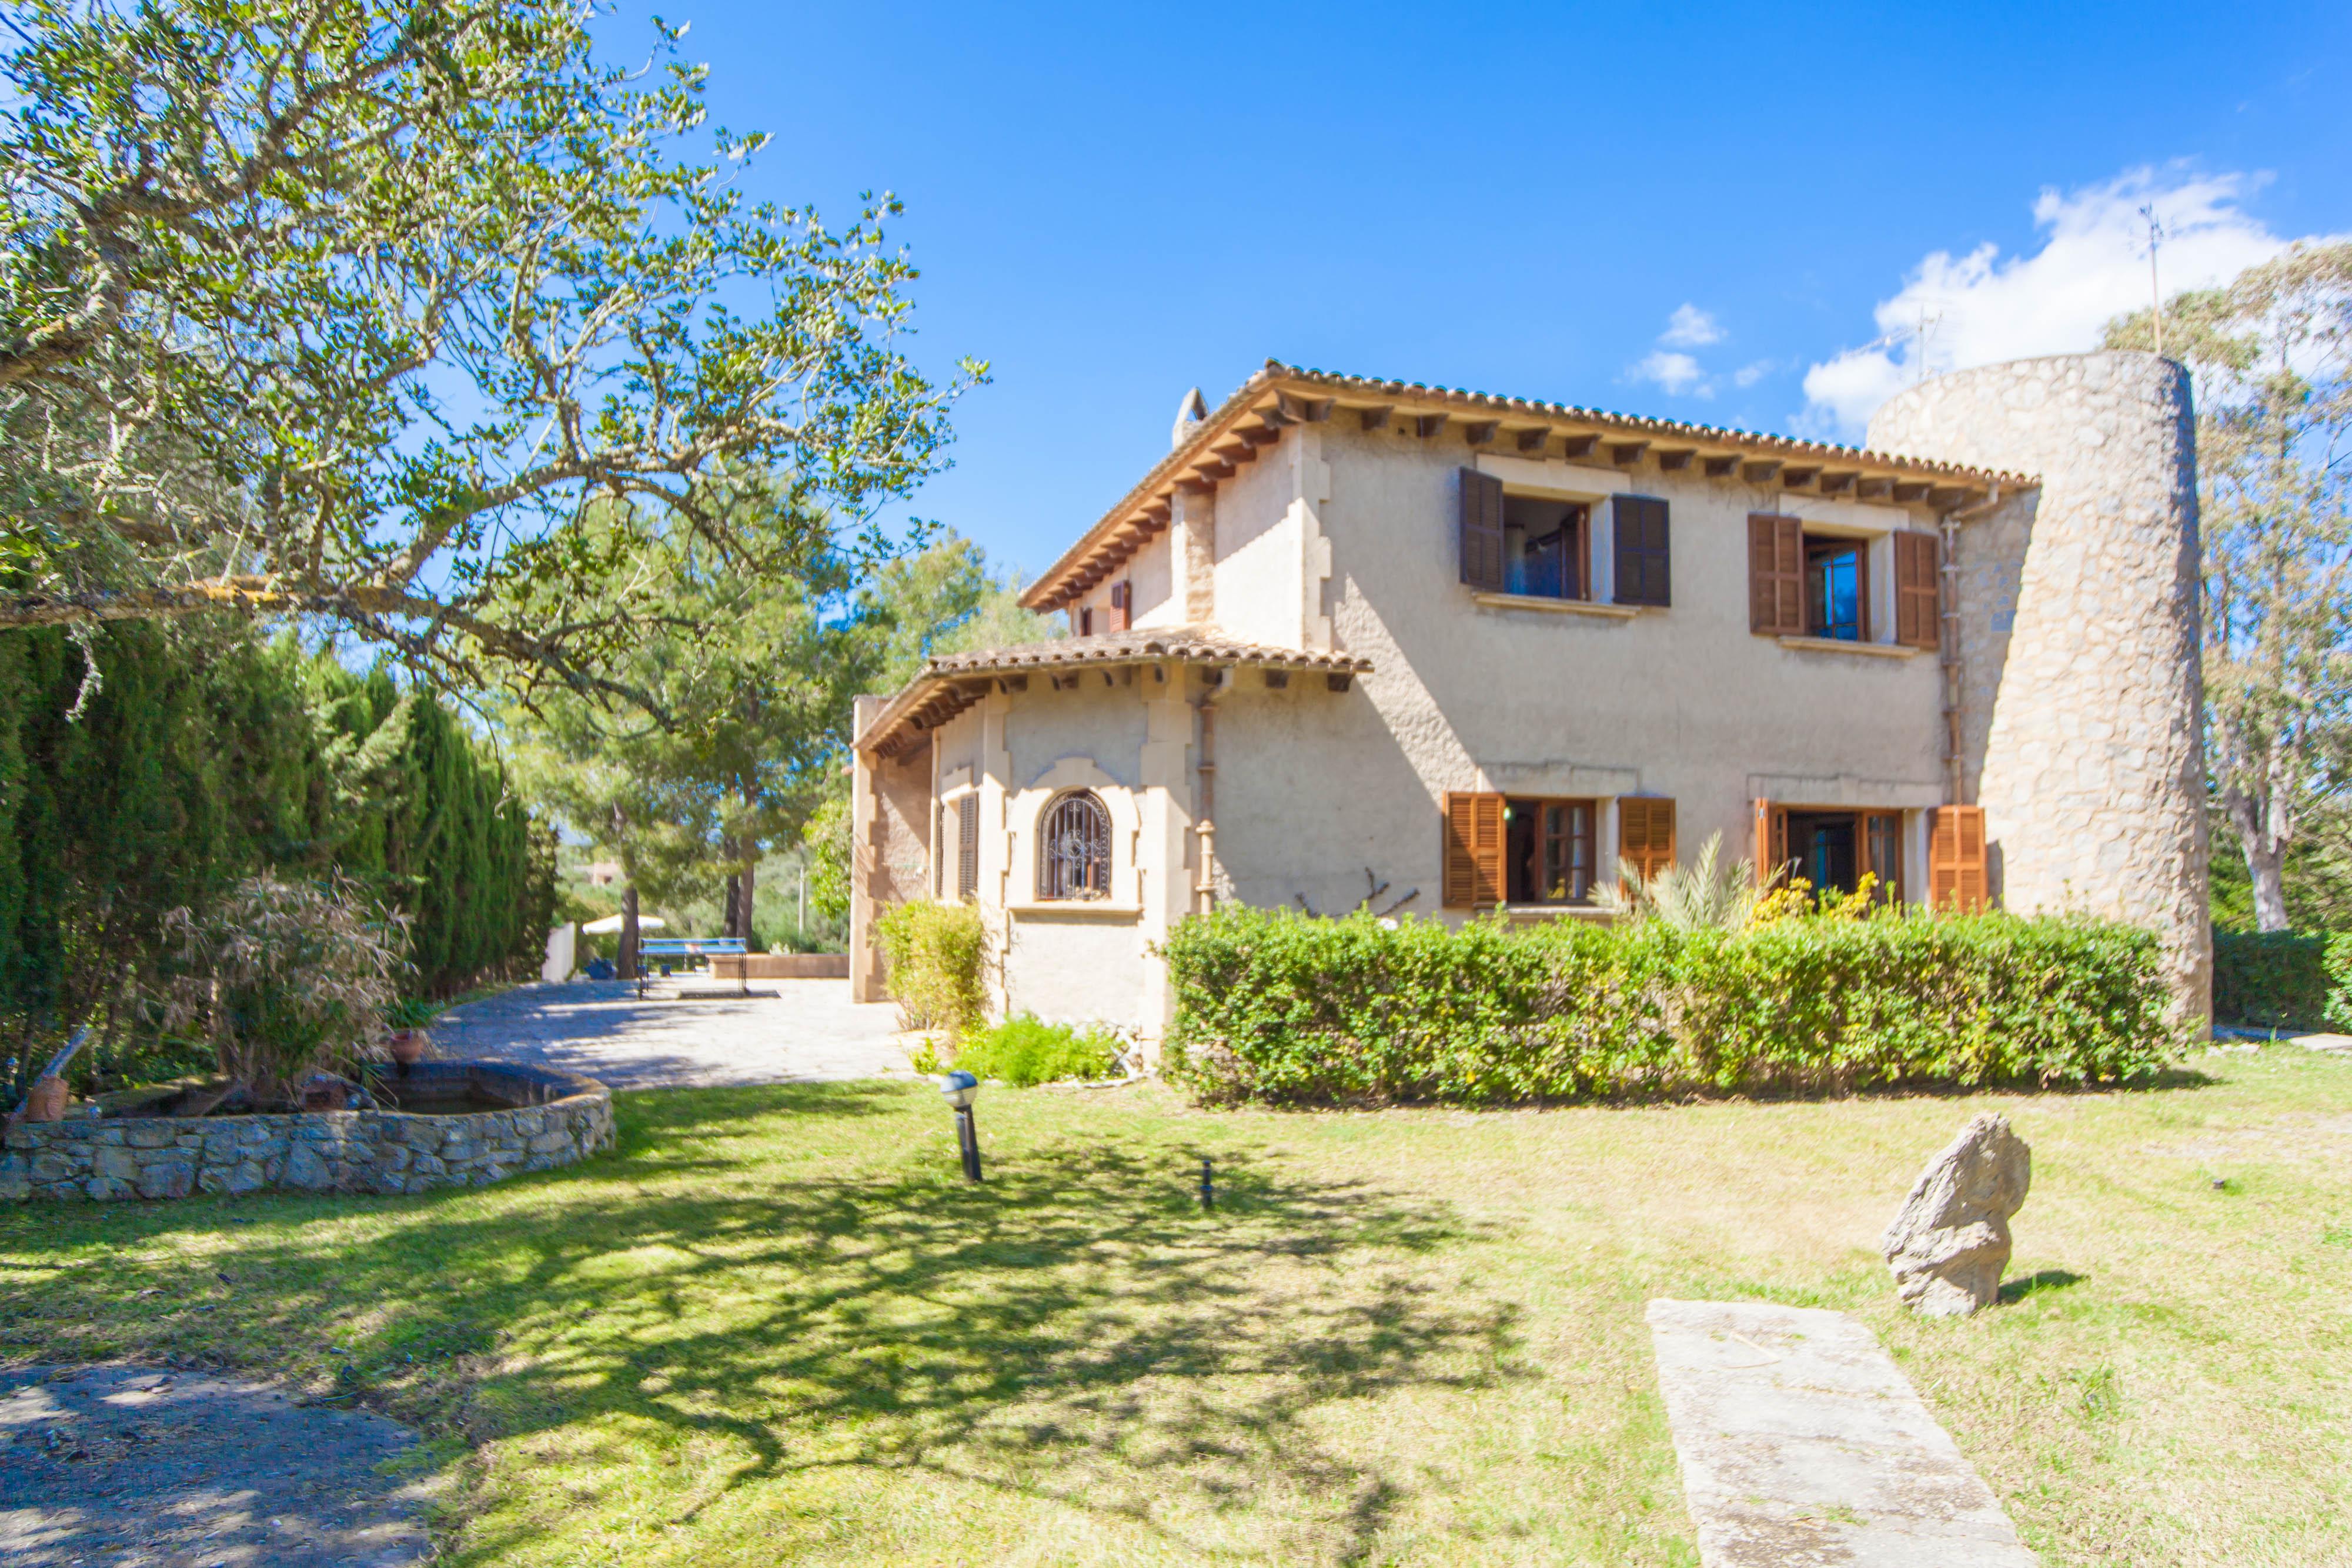 Ferienhaus SOS MONJOS (2177982), Arta, Mallorca, Balearische Inseln, Spanien, Bild 11